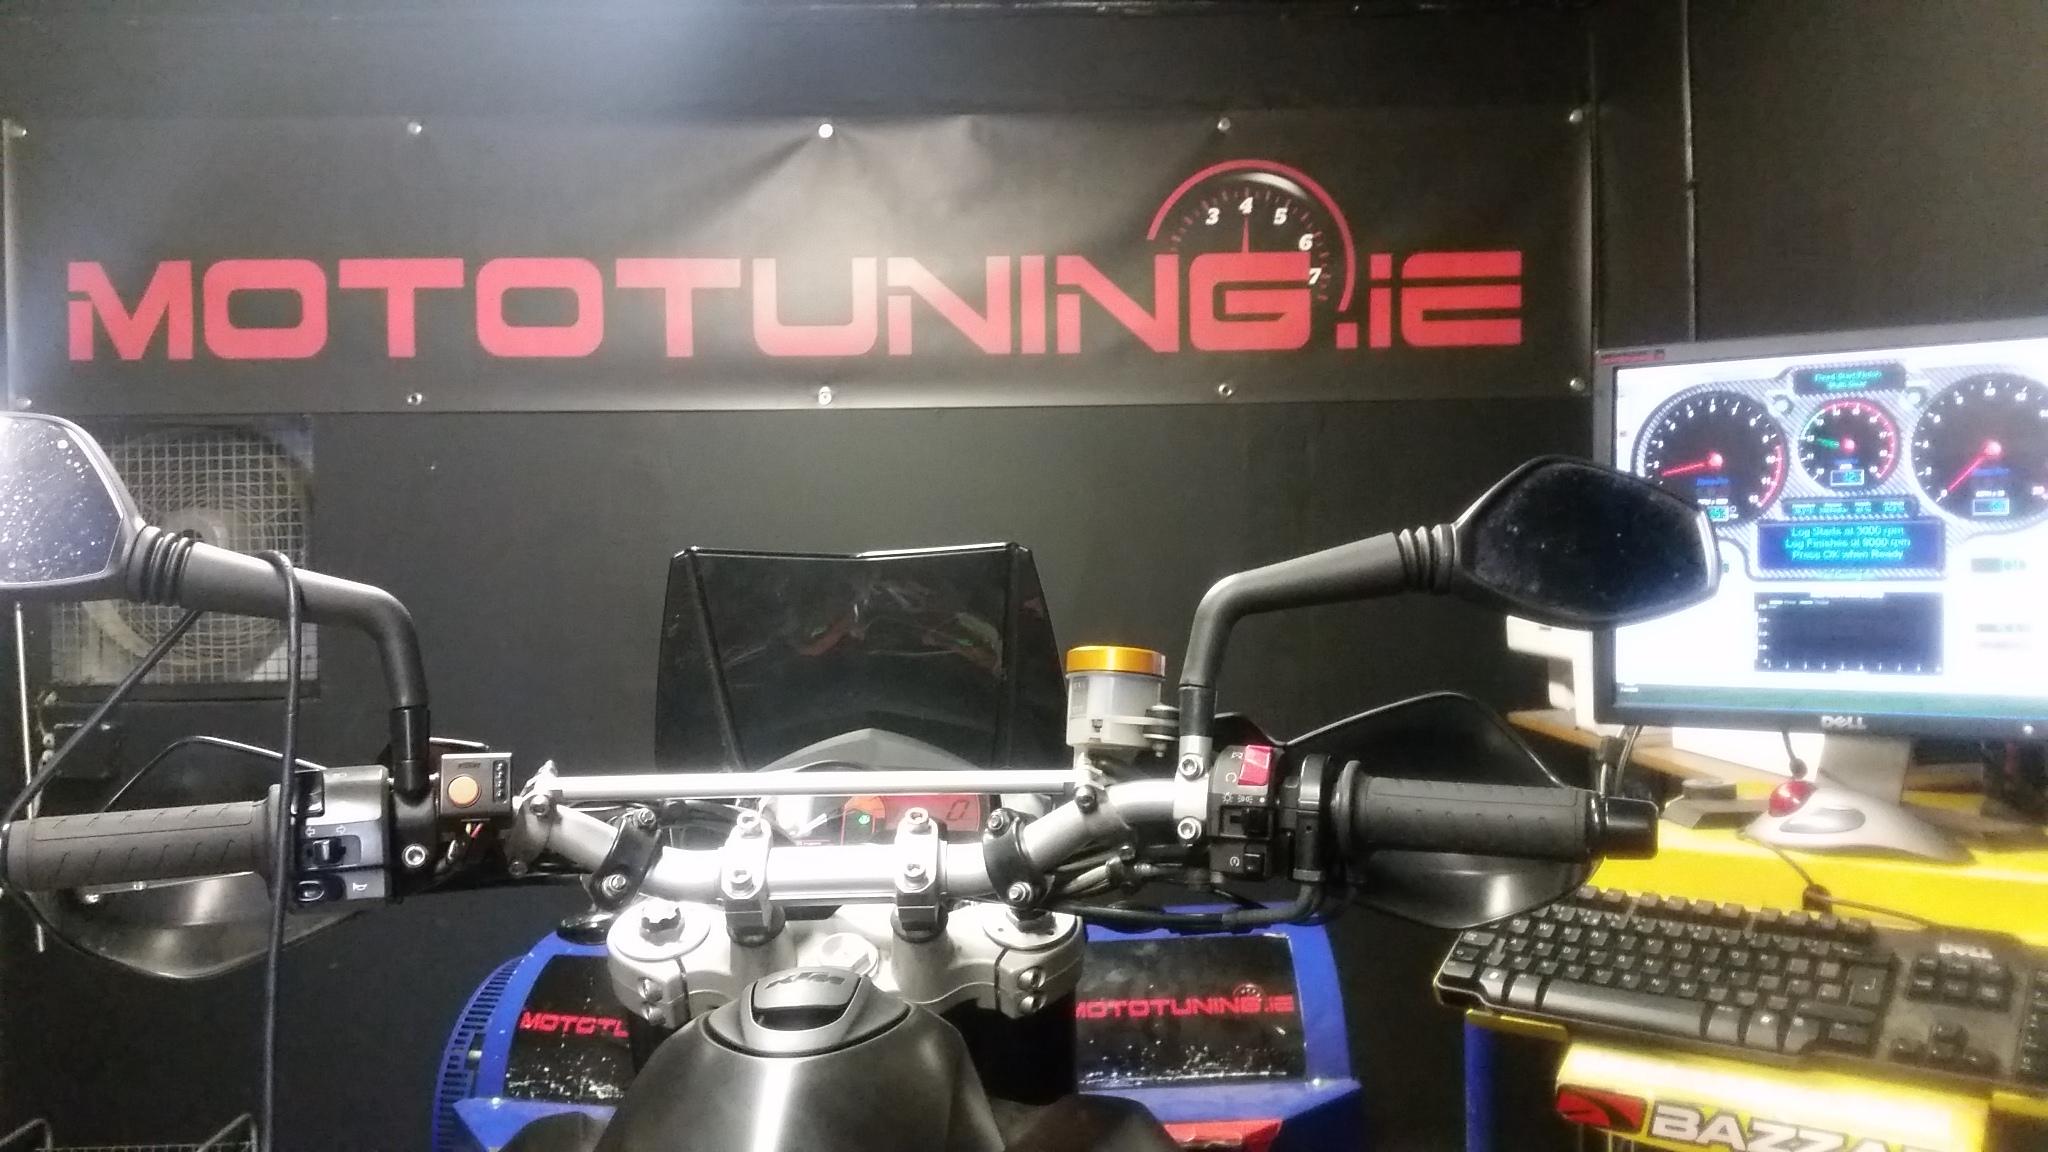 Ktm Smt 990 Ecu Tuning Mototuning